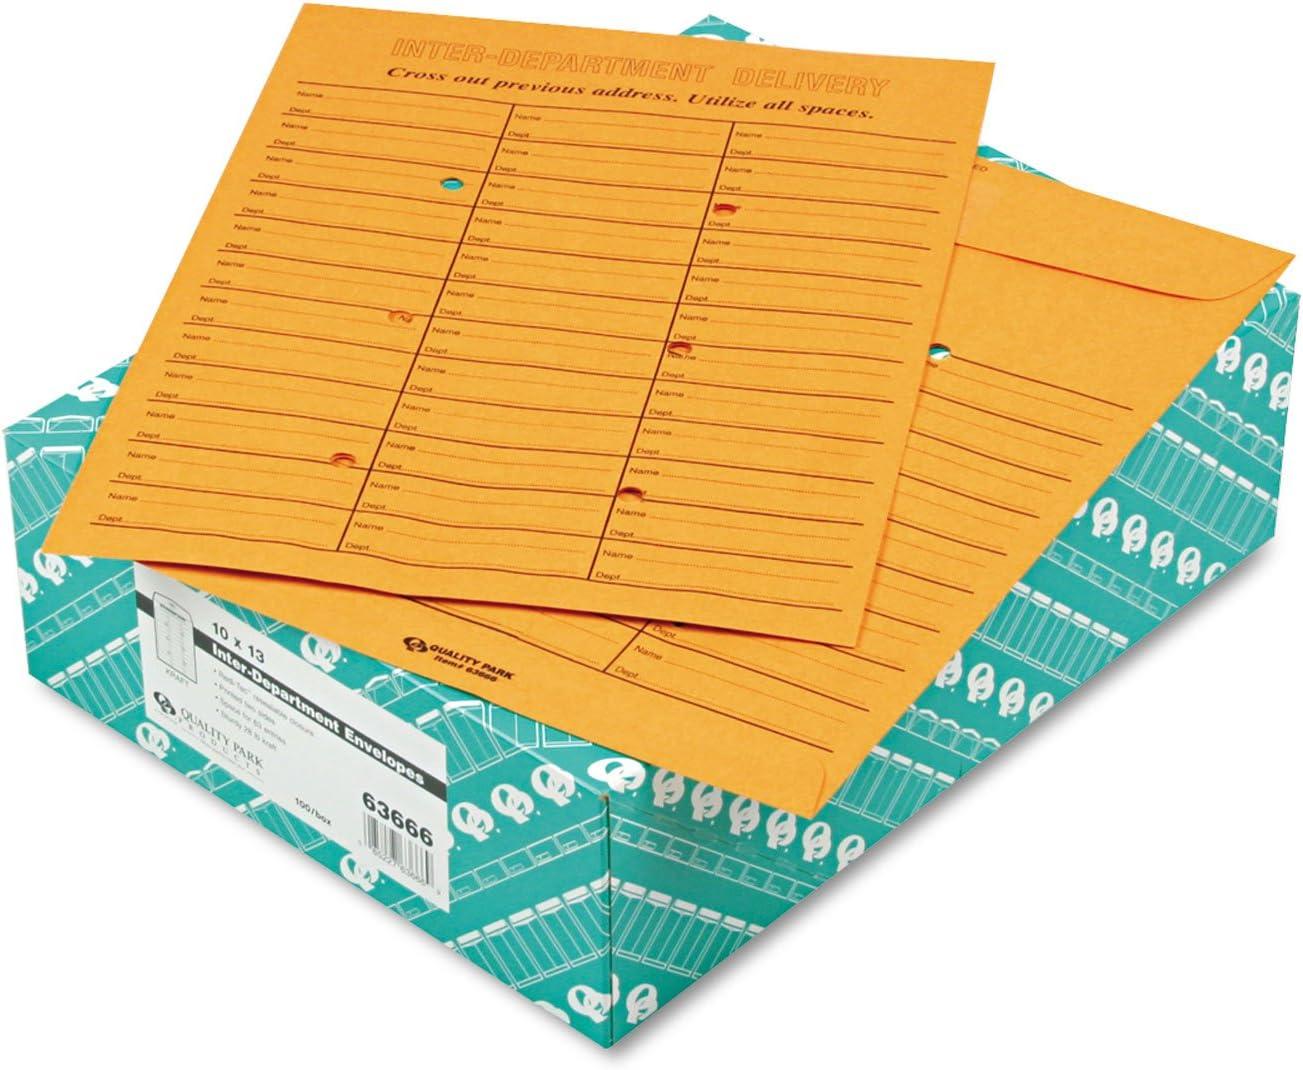 10quot; Width x 13quot; Length Double Sided Inter-Depart. Envelope (100 Envelopes/Box) - BOS-QUA63666